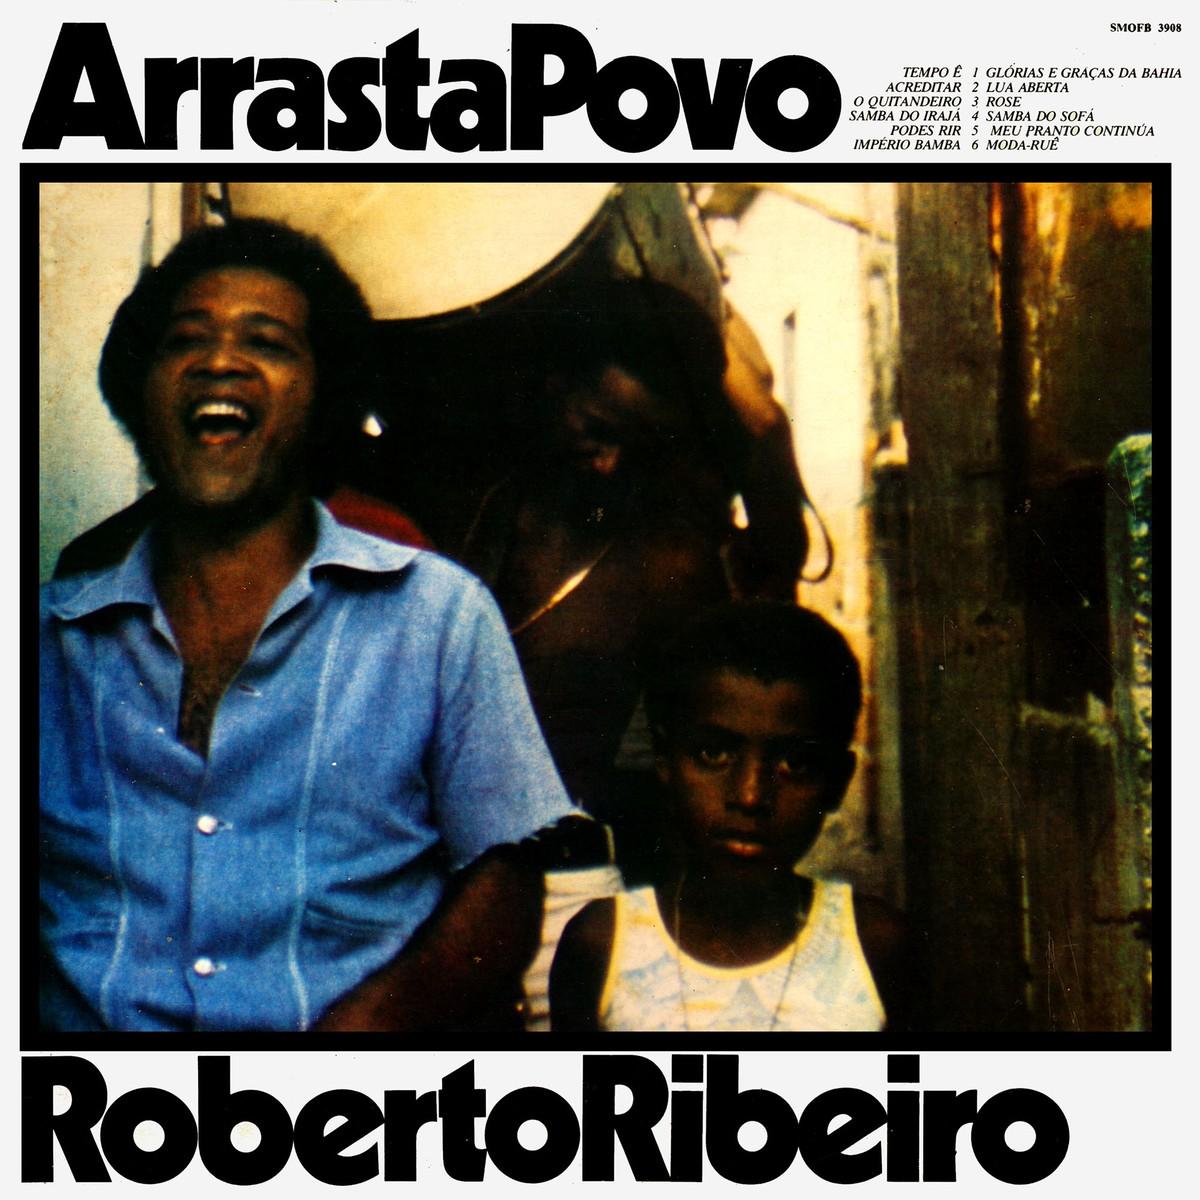 Discos para descobrir em casa – 'Arrasta povo', Roberto Ribeiro, 1976   Blog do Mauro Ferreira